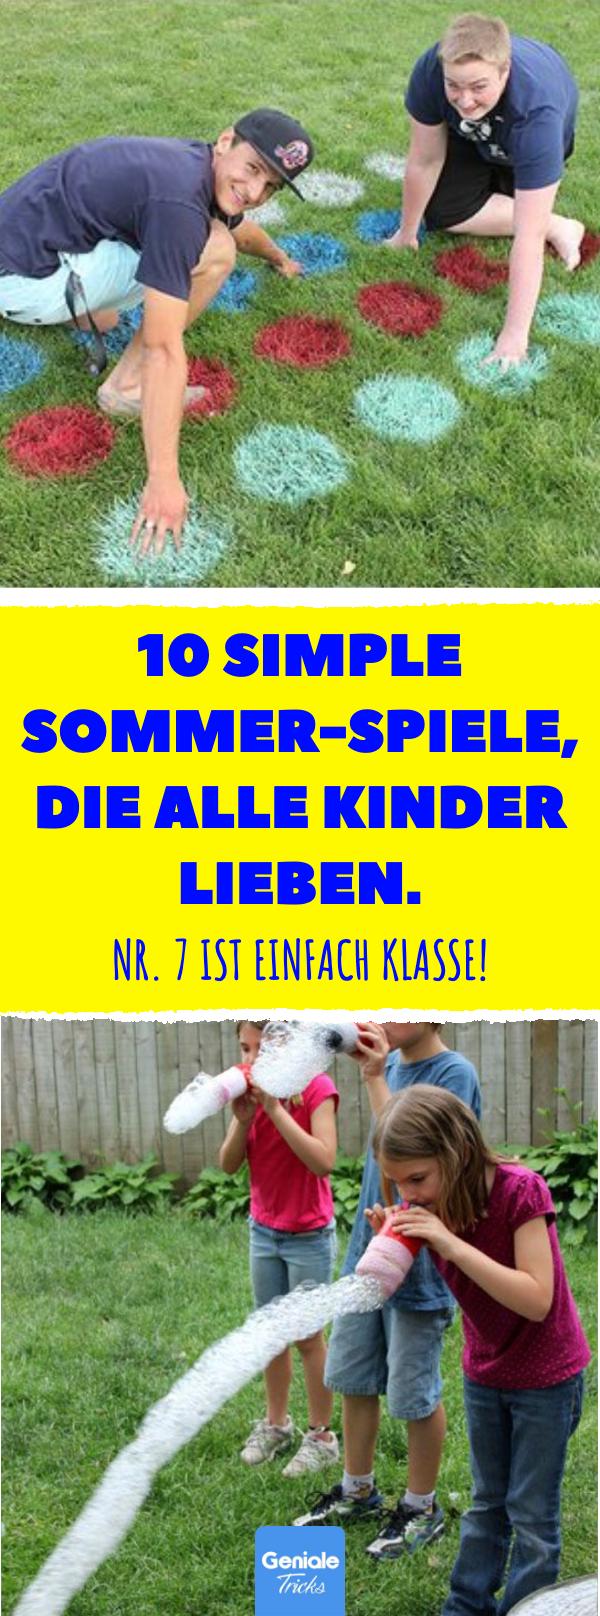 Photo of 10 einfache Sommer-Spiele, die alle Kinder lieben. – Garten Herbst Idee – Mein Blog